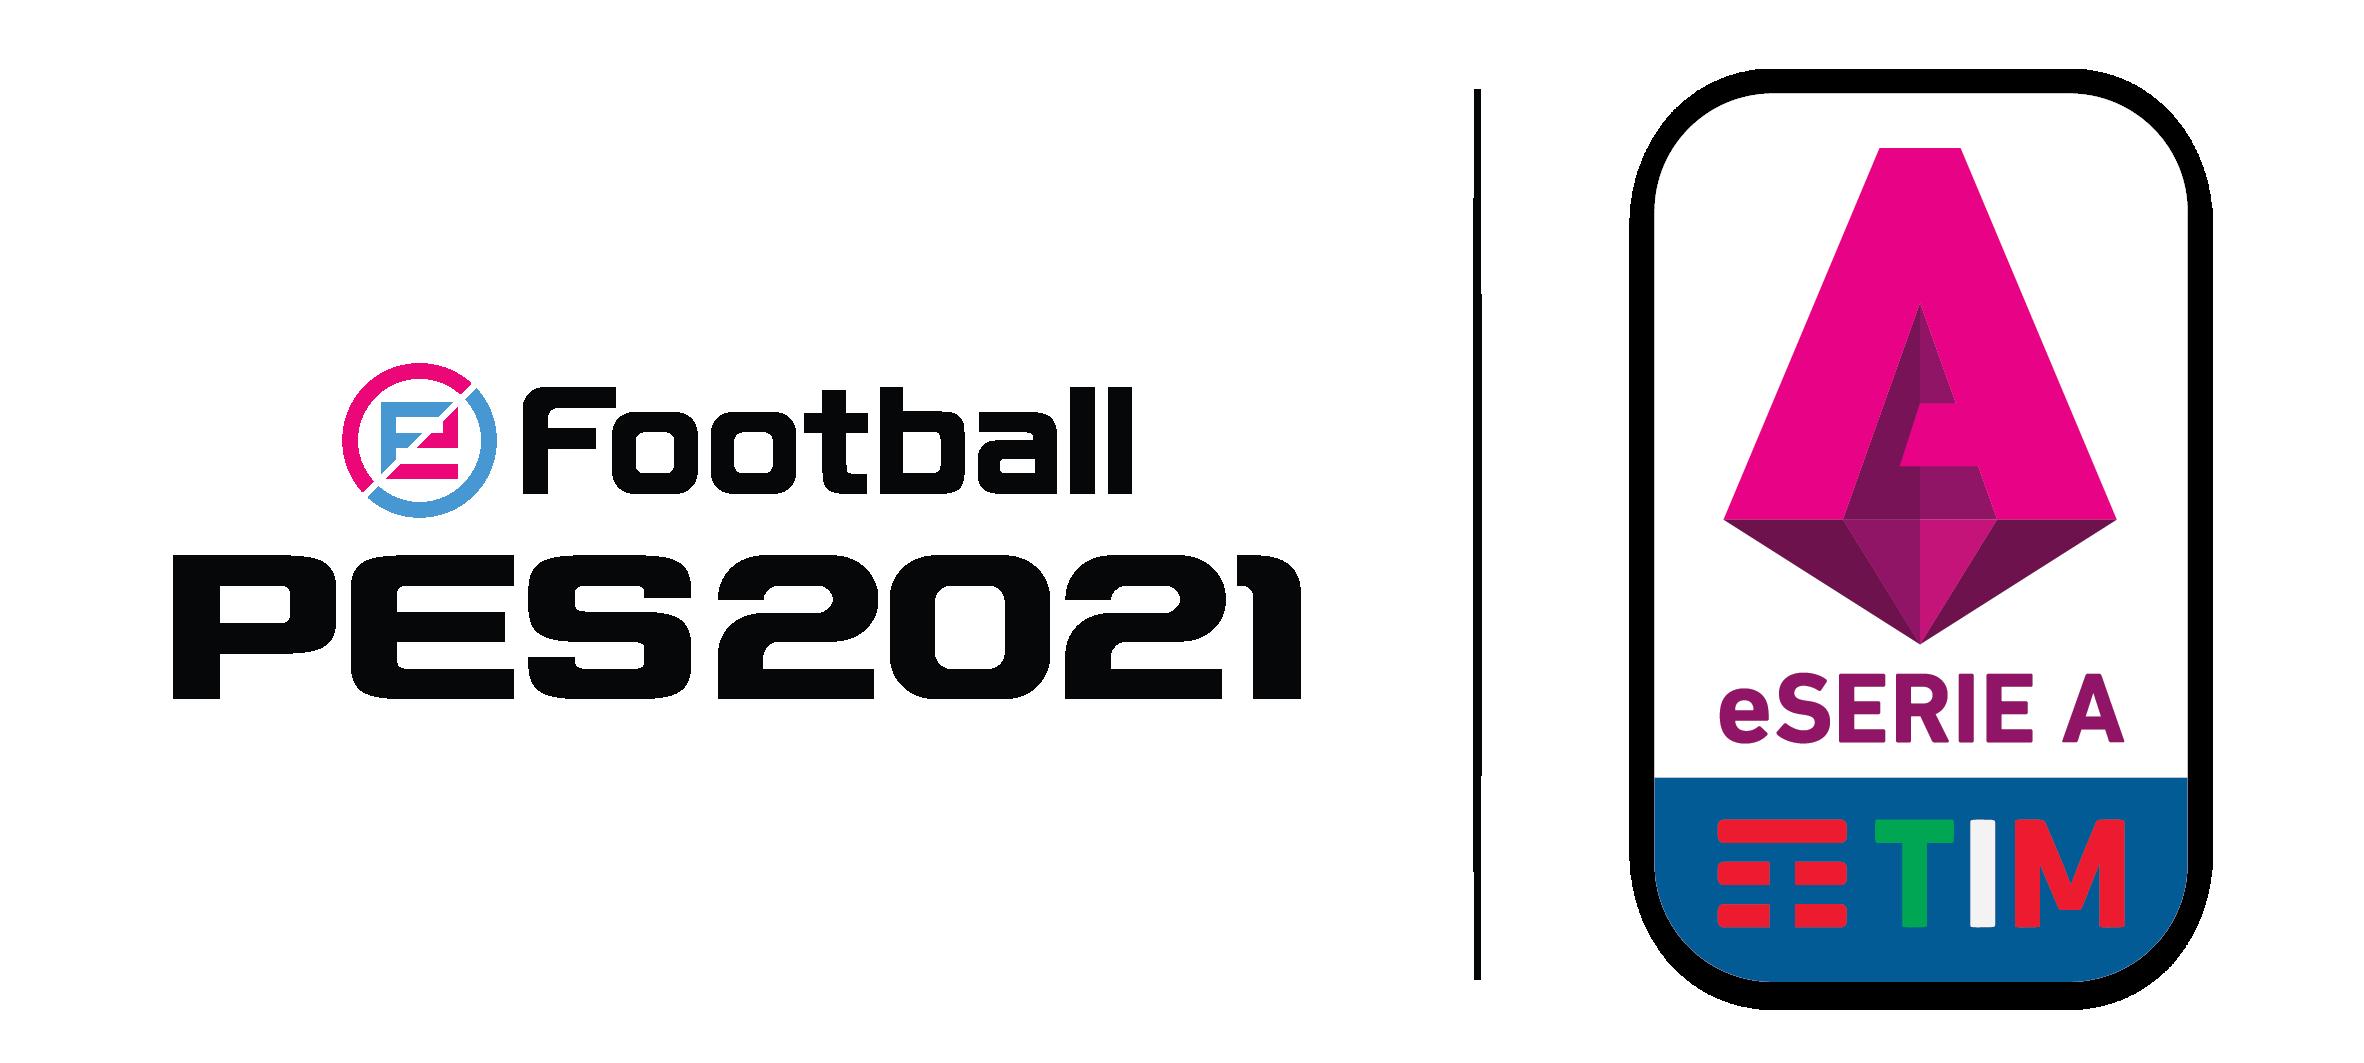 LA ESerie A TIM su EFootball PES 2021